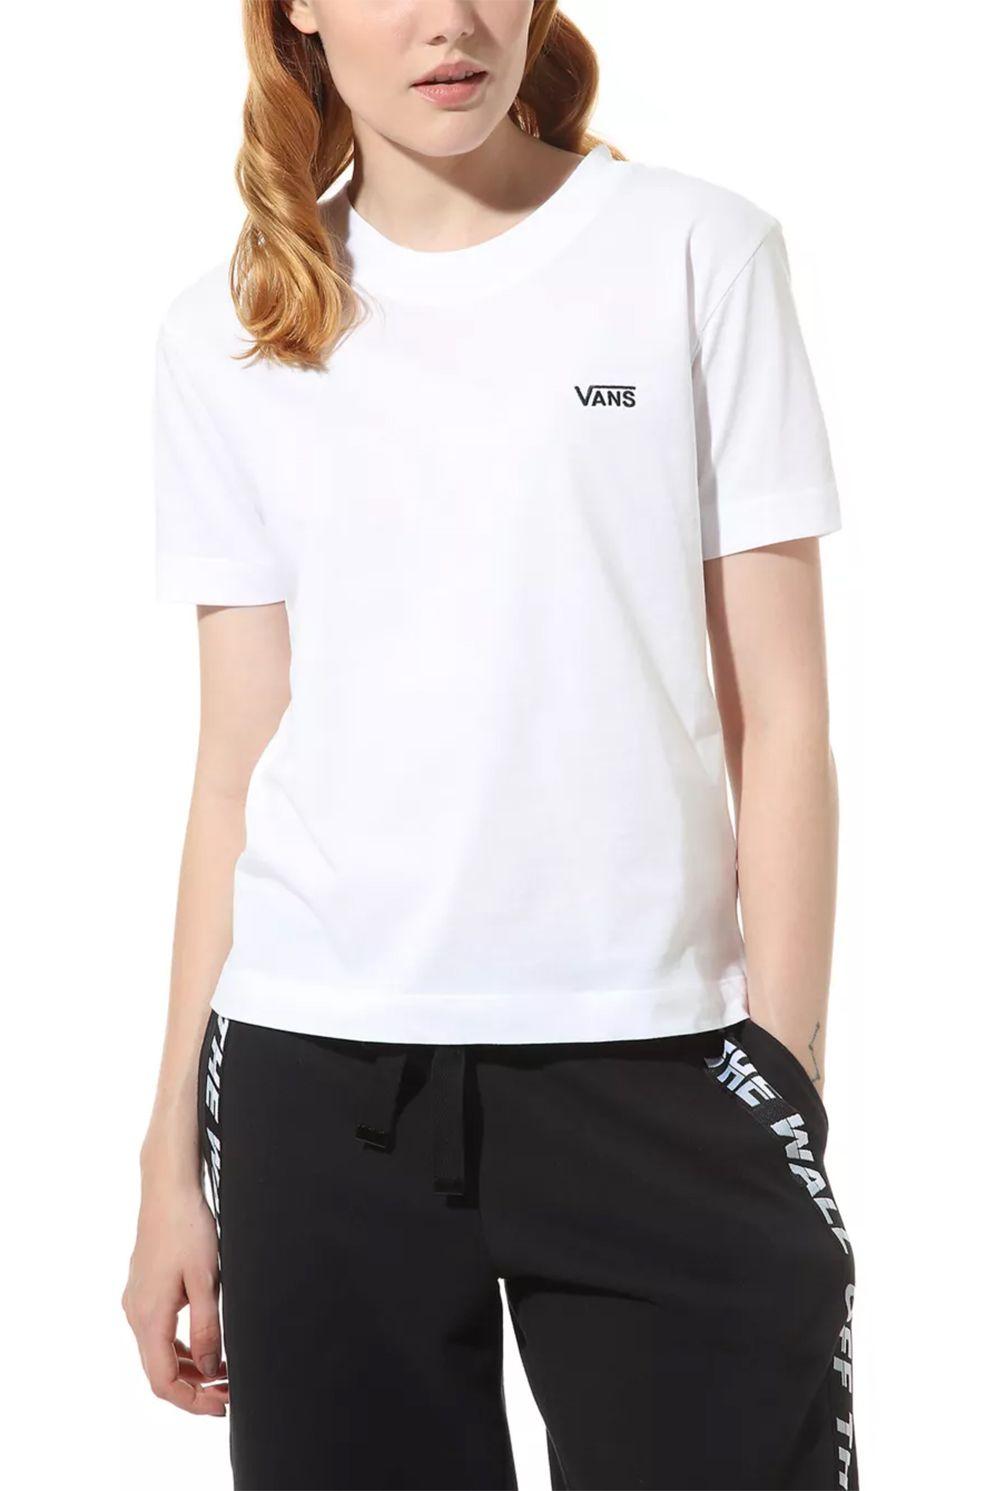 Vans T-Shirt JUNIOR V BOXY White